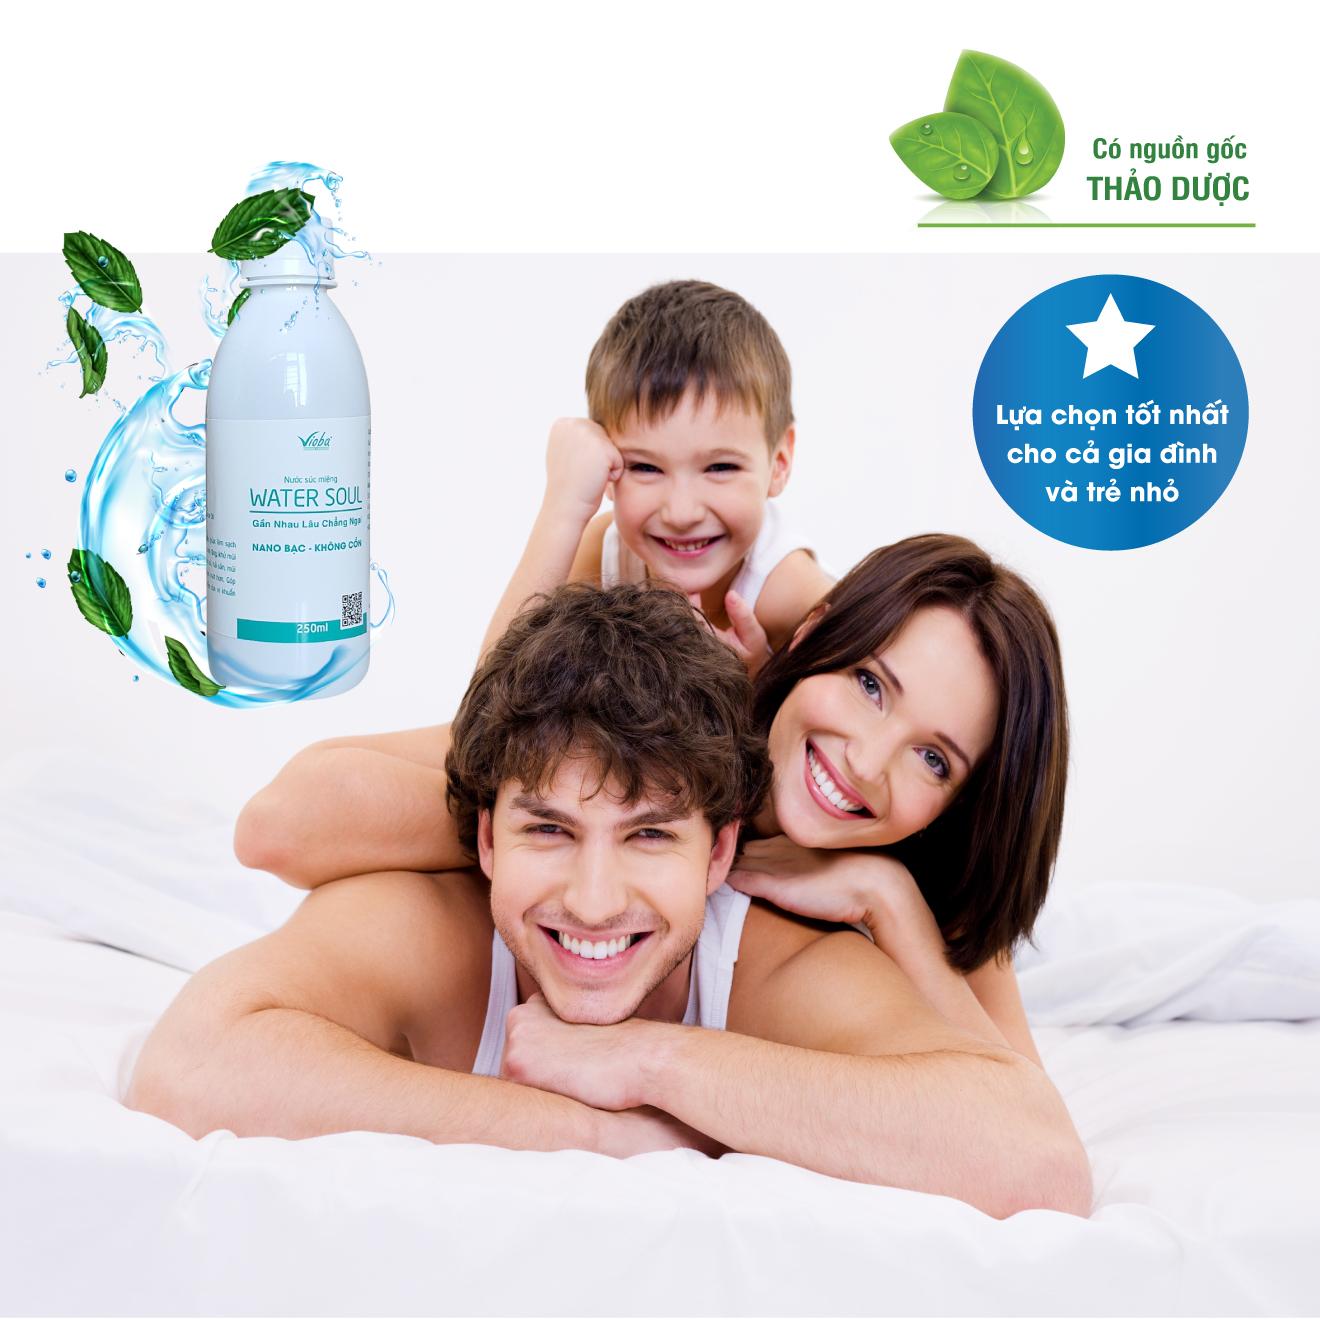 Nước súc miệng Water Soul  làm sạch răng, miệng và lợi mảng bám răng. Khử mùi hôi miệng do thức ăn... cho hơi thở thơm mát. Sản phẩm của Vioba, chai 250ml.